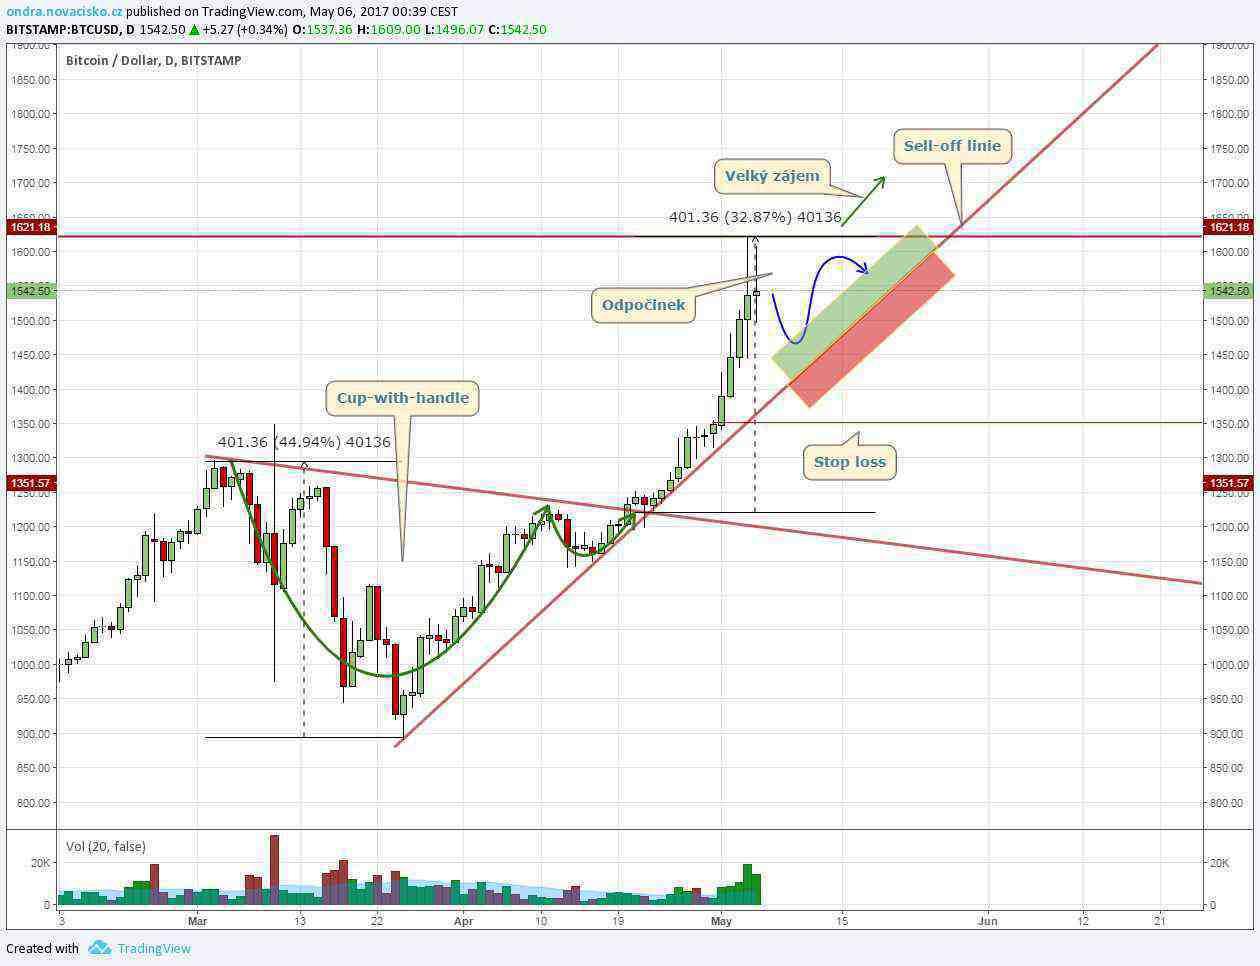 graf kurzu bitcoinu květen 2017